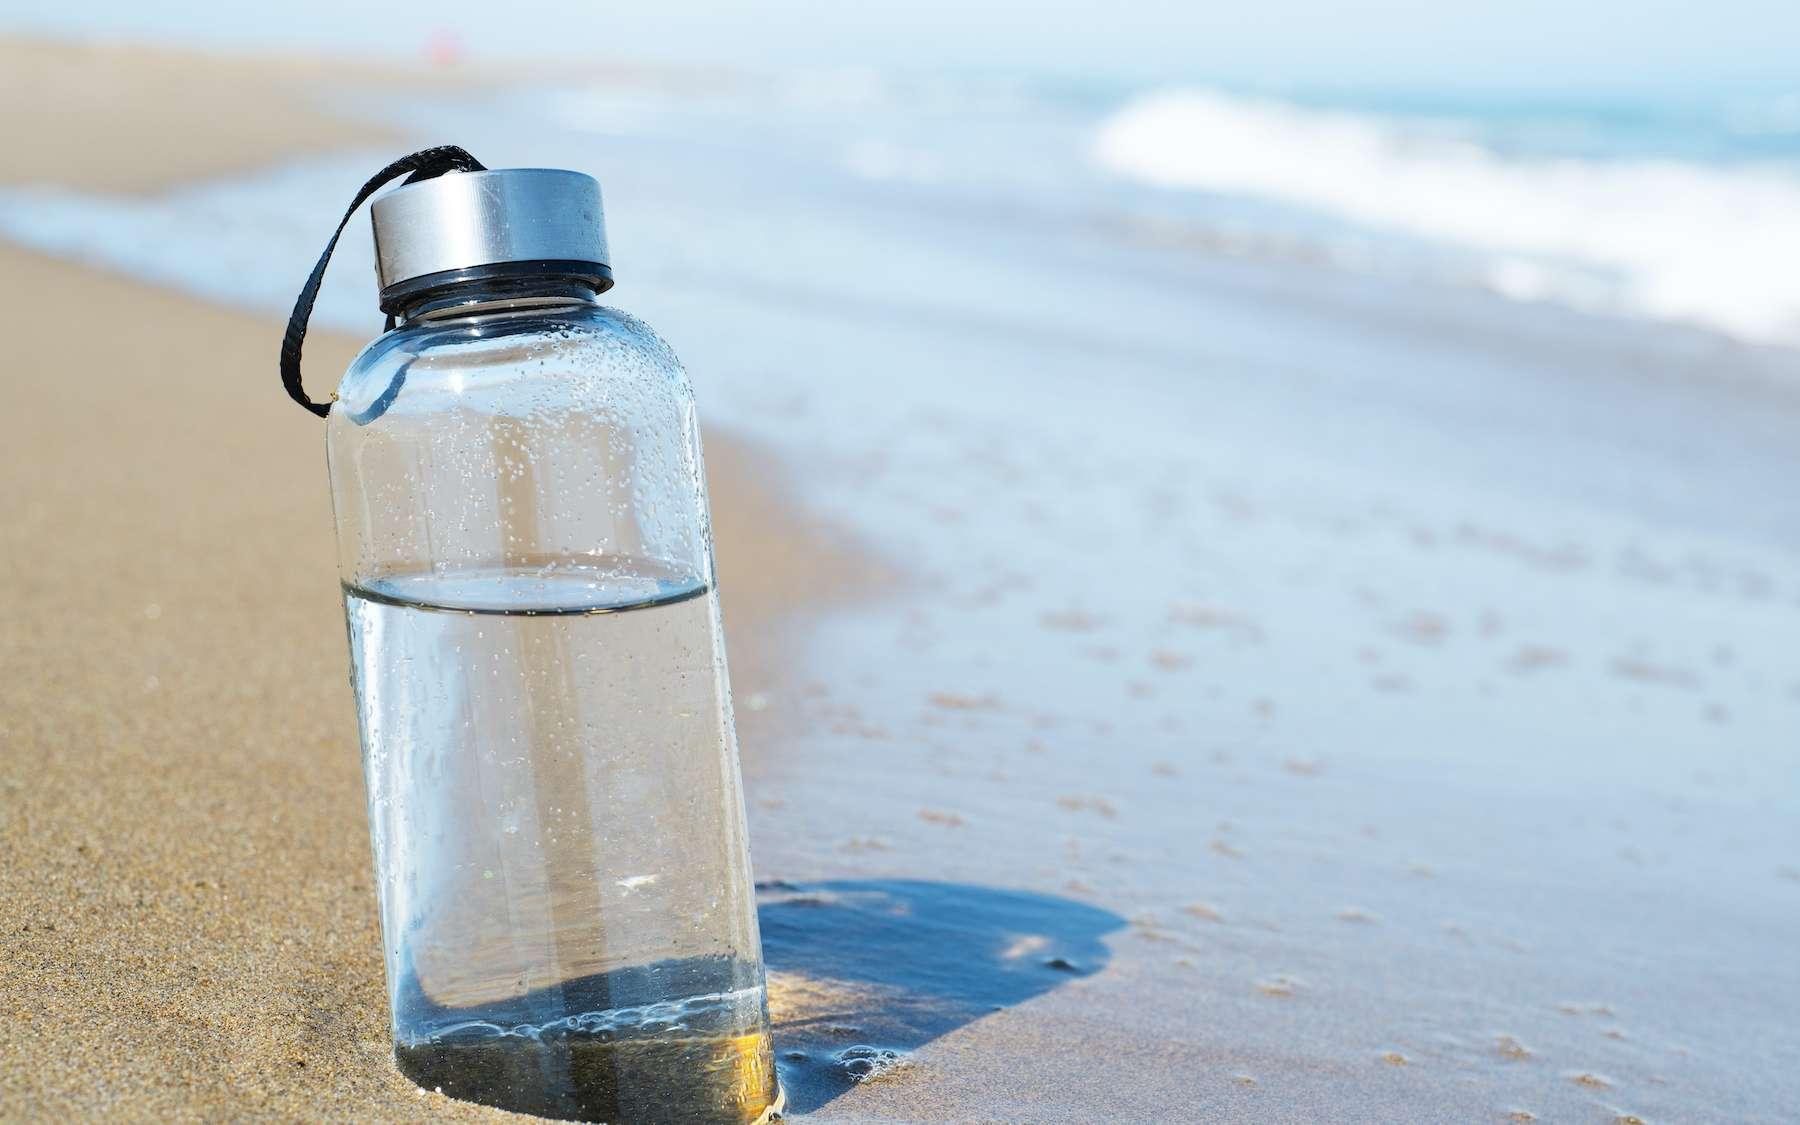 Boire de l'eau de mer : une mauvaise idée qui aggrave la déshydratation. © nito, Adobe Stock